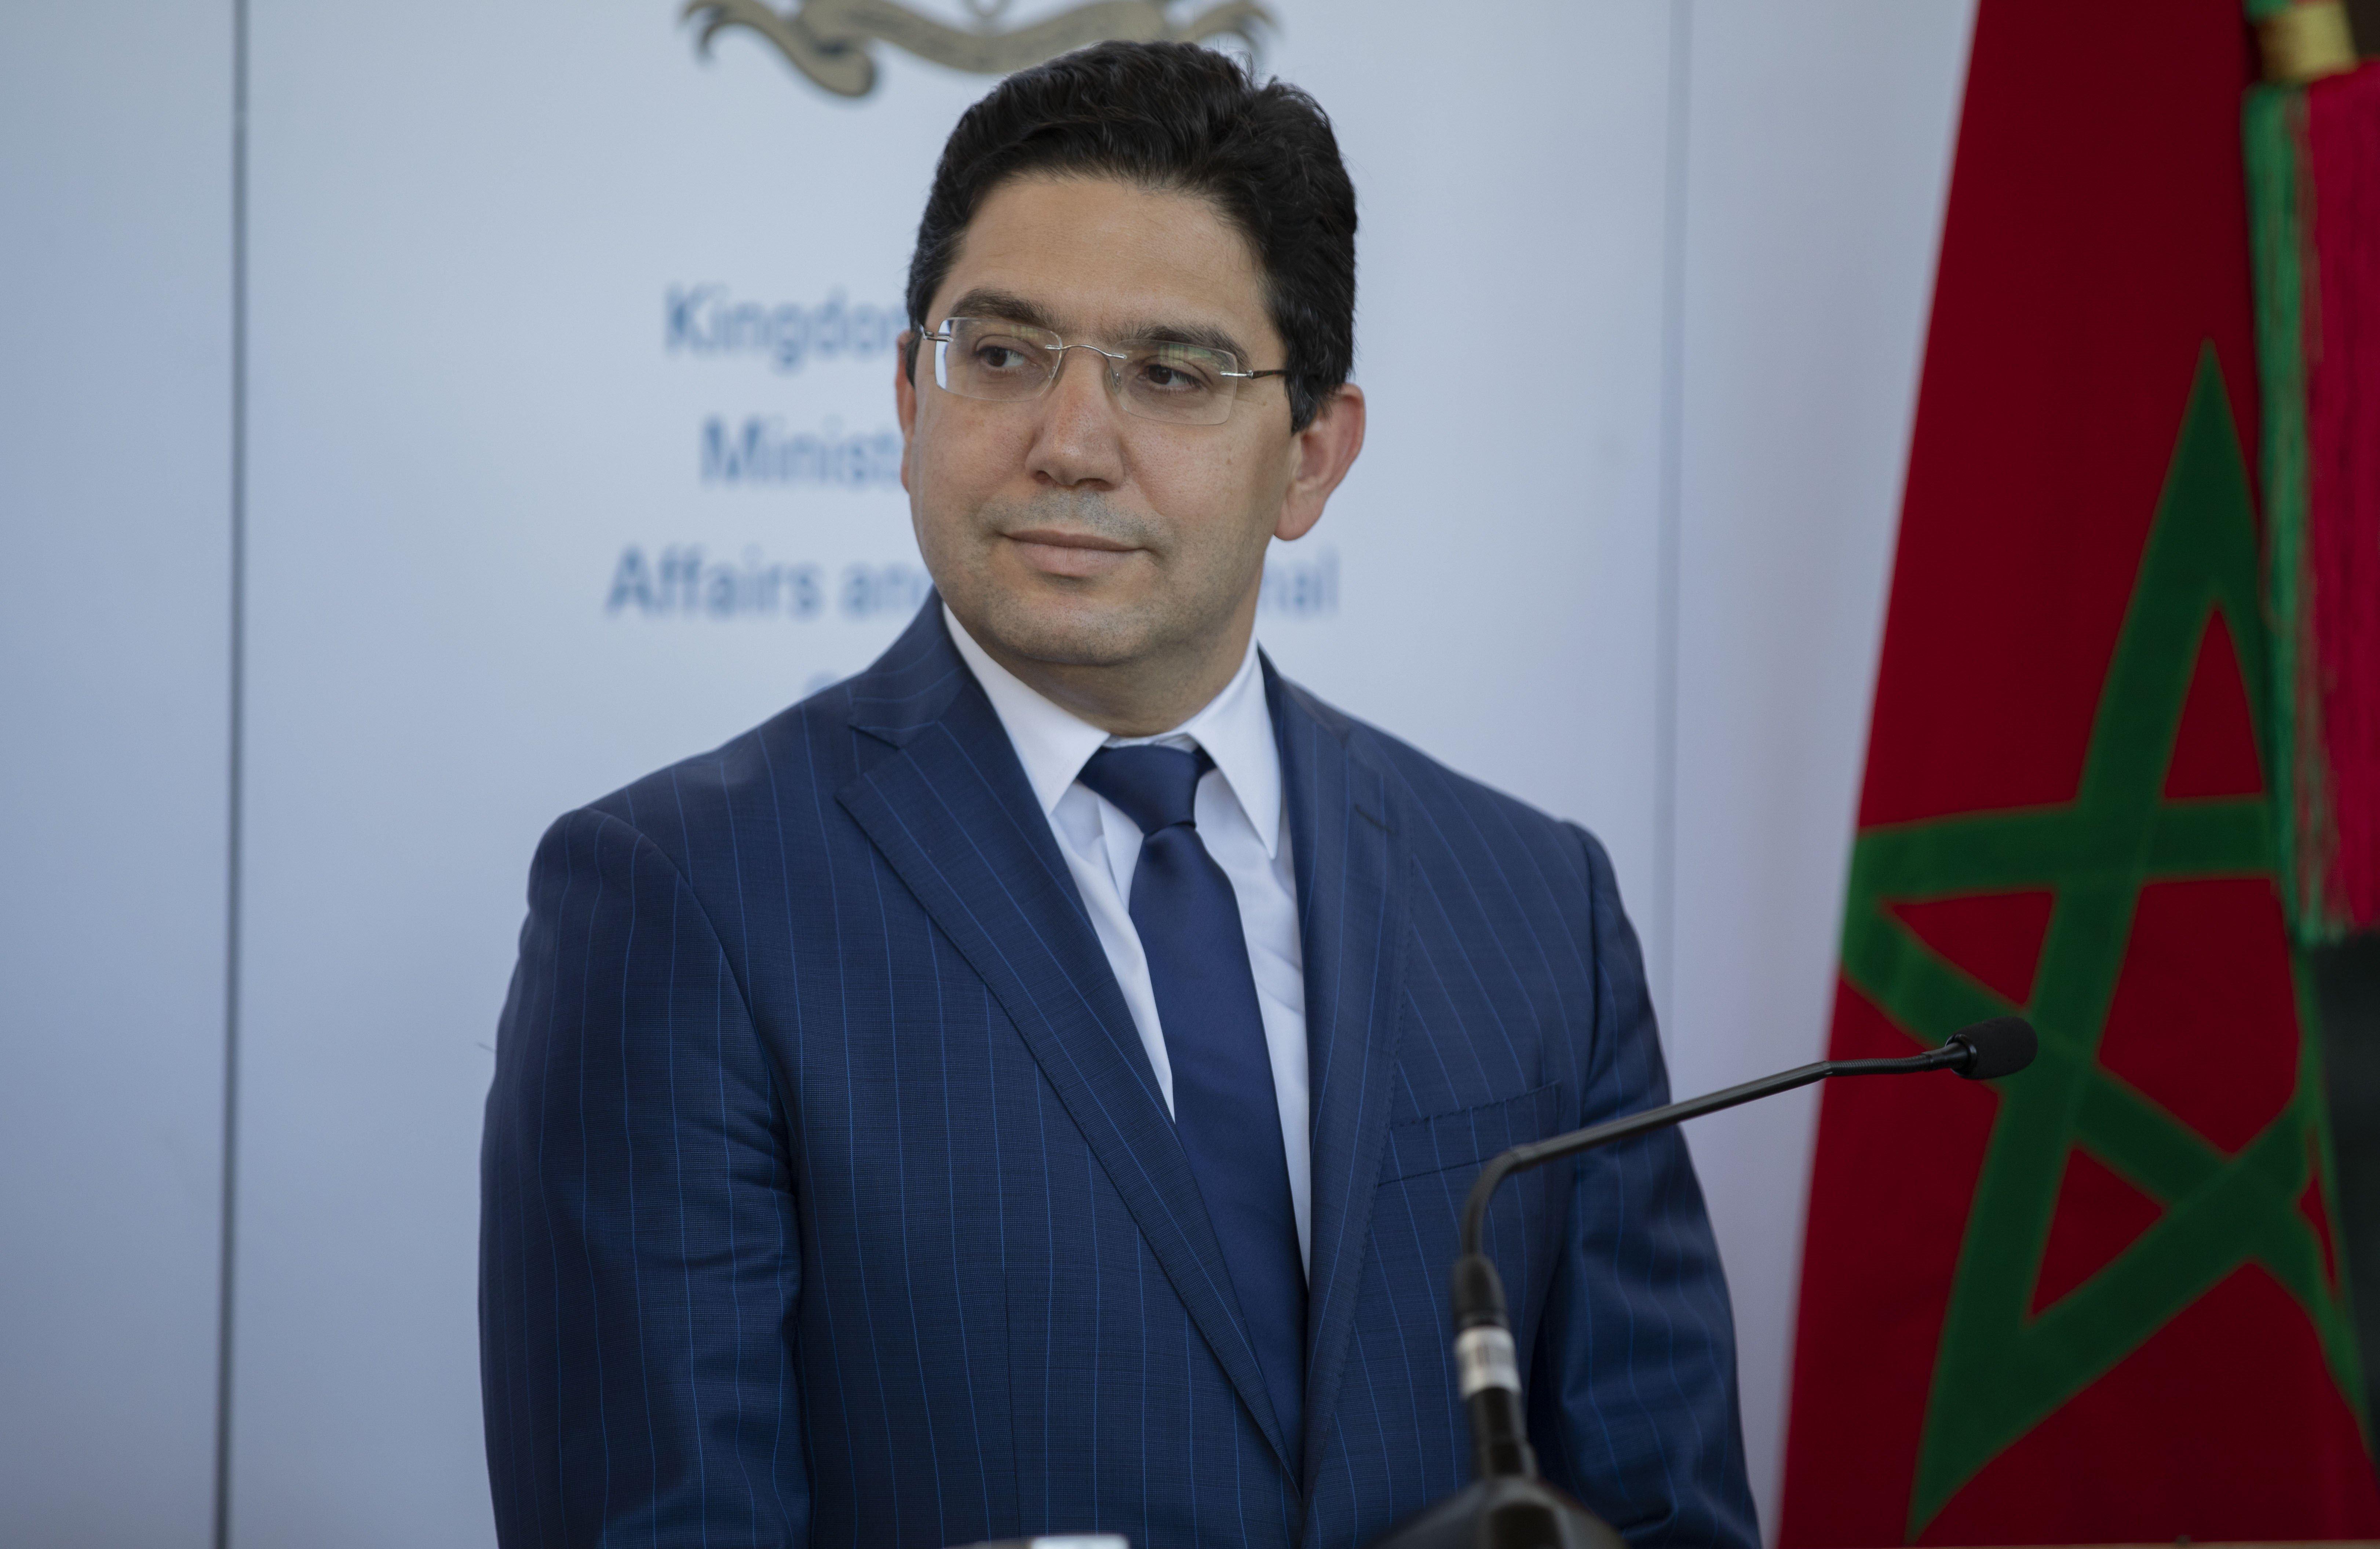 Crise diplomatique Maroc-Iran: Les révélations de Nasser